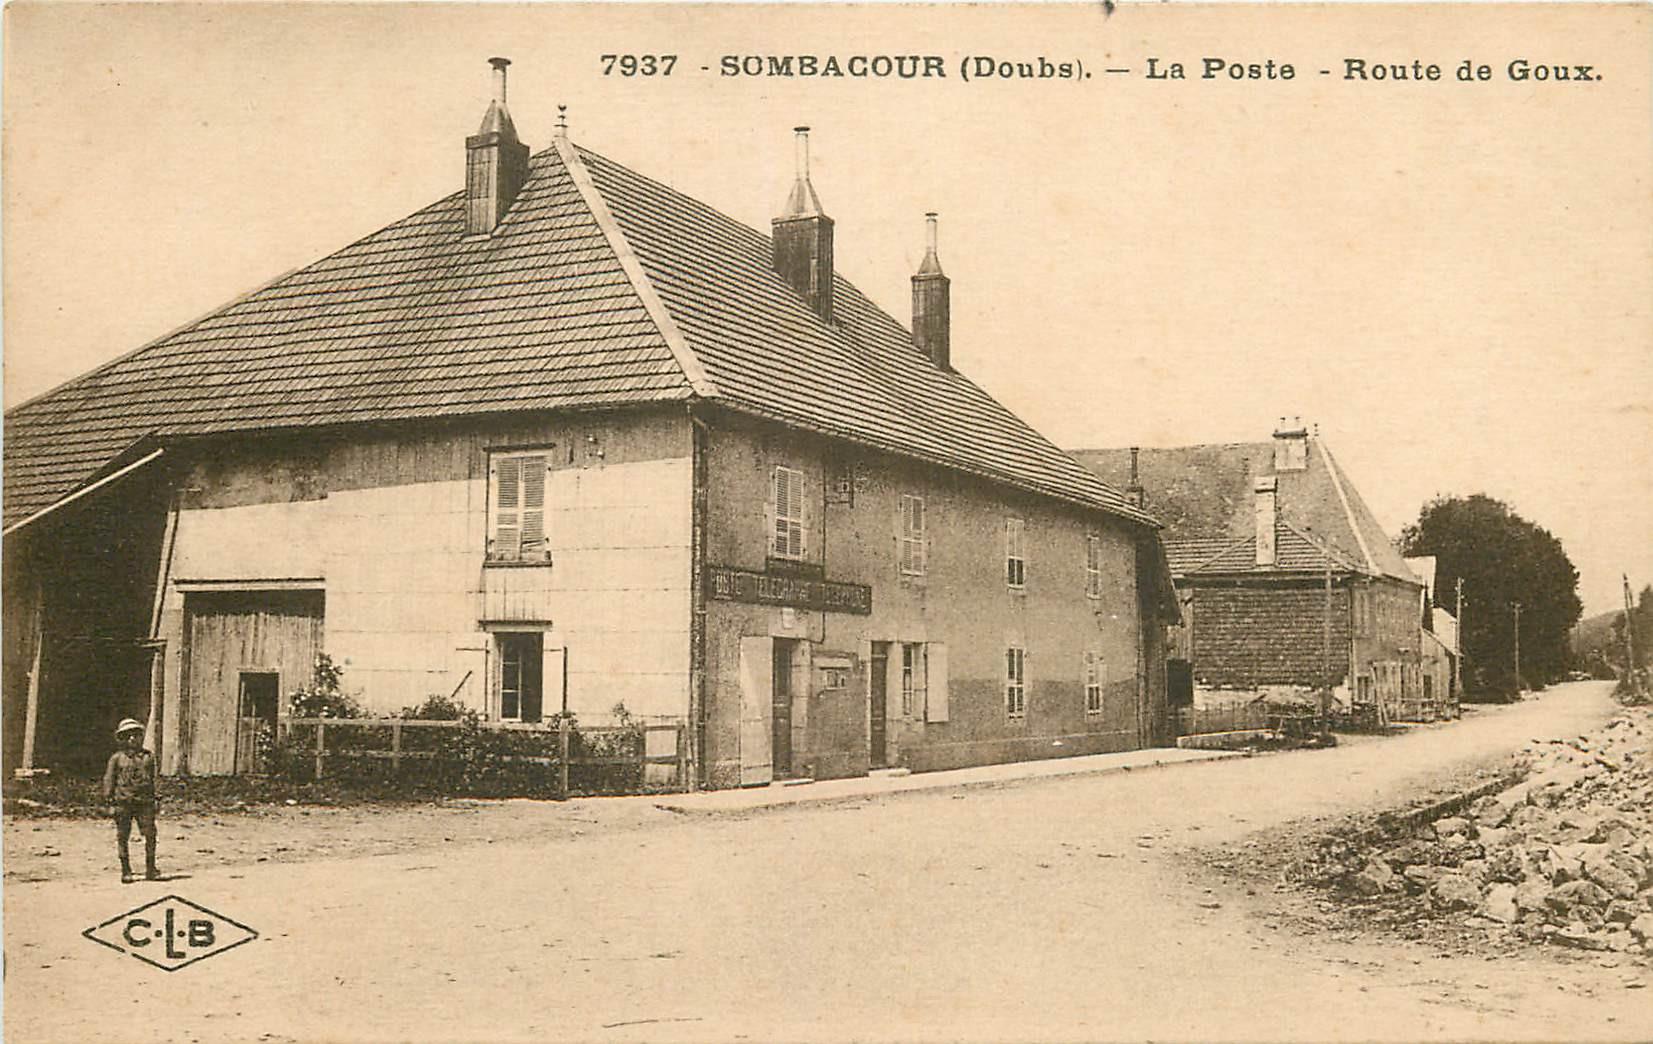 WW 25 SOMBACOUR. La Poste route de Goux 1940